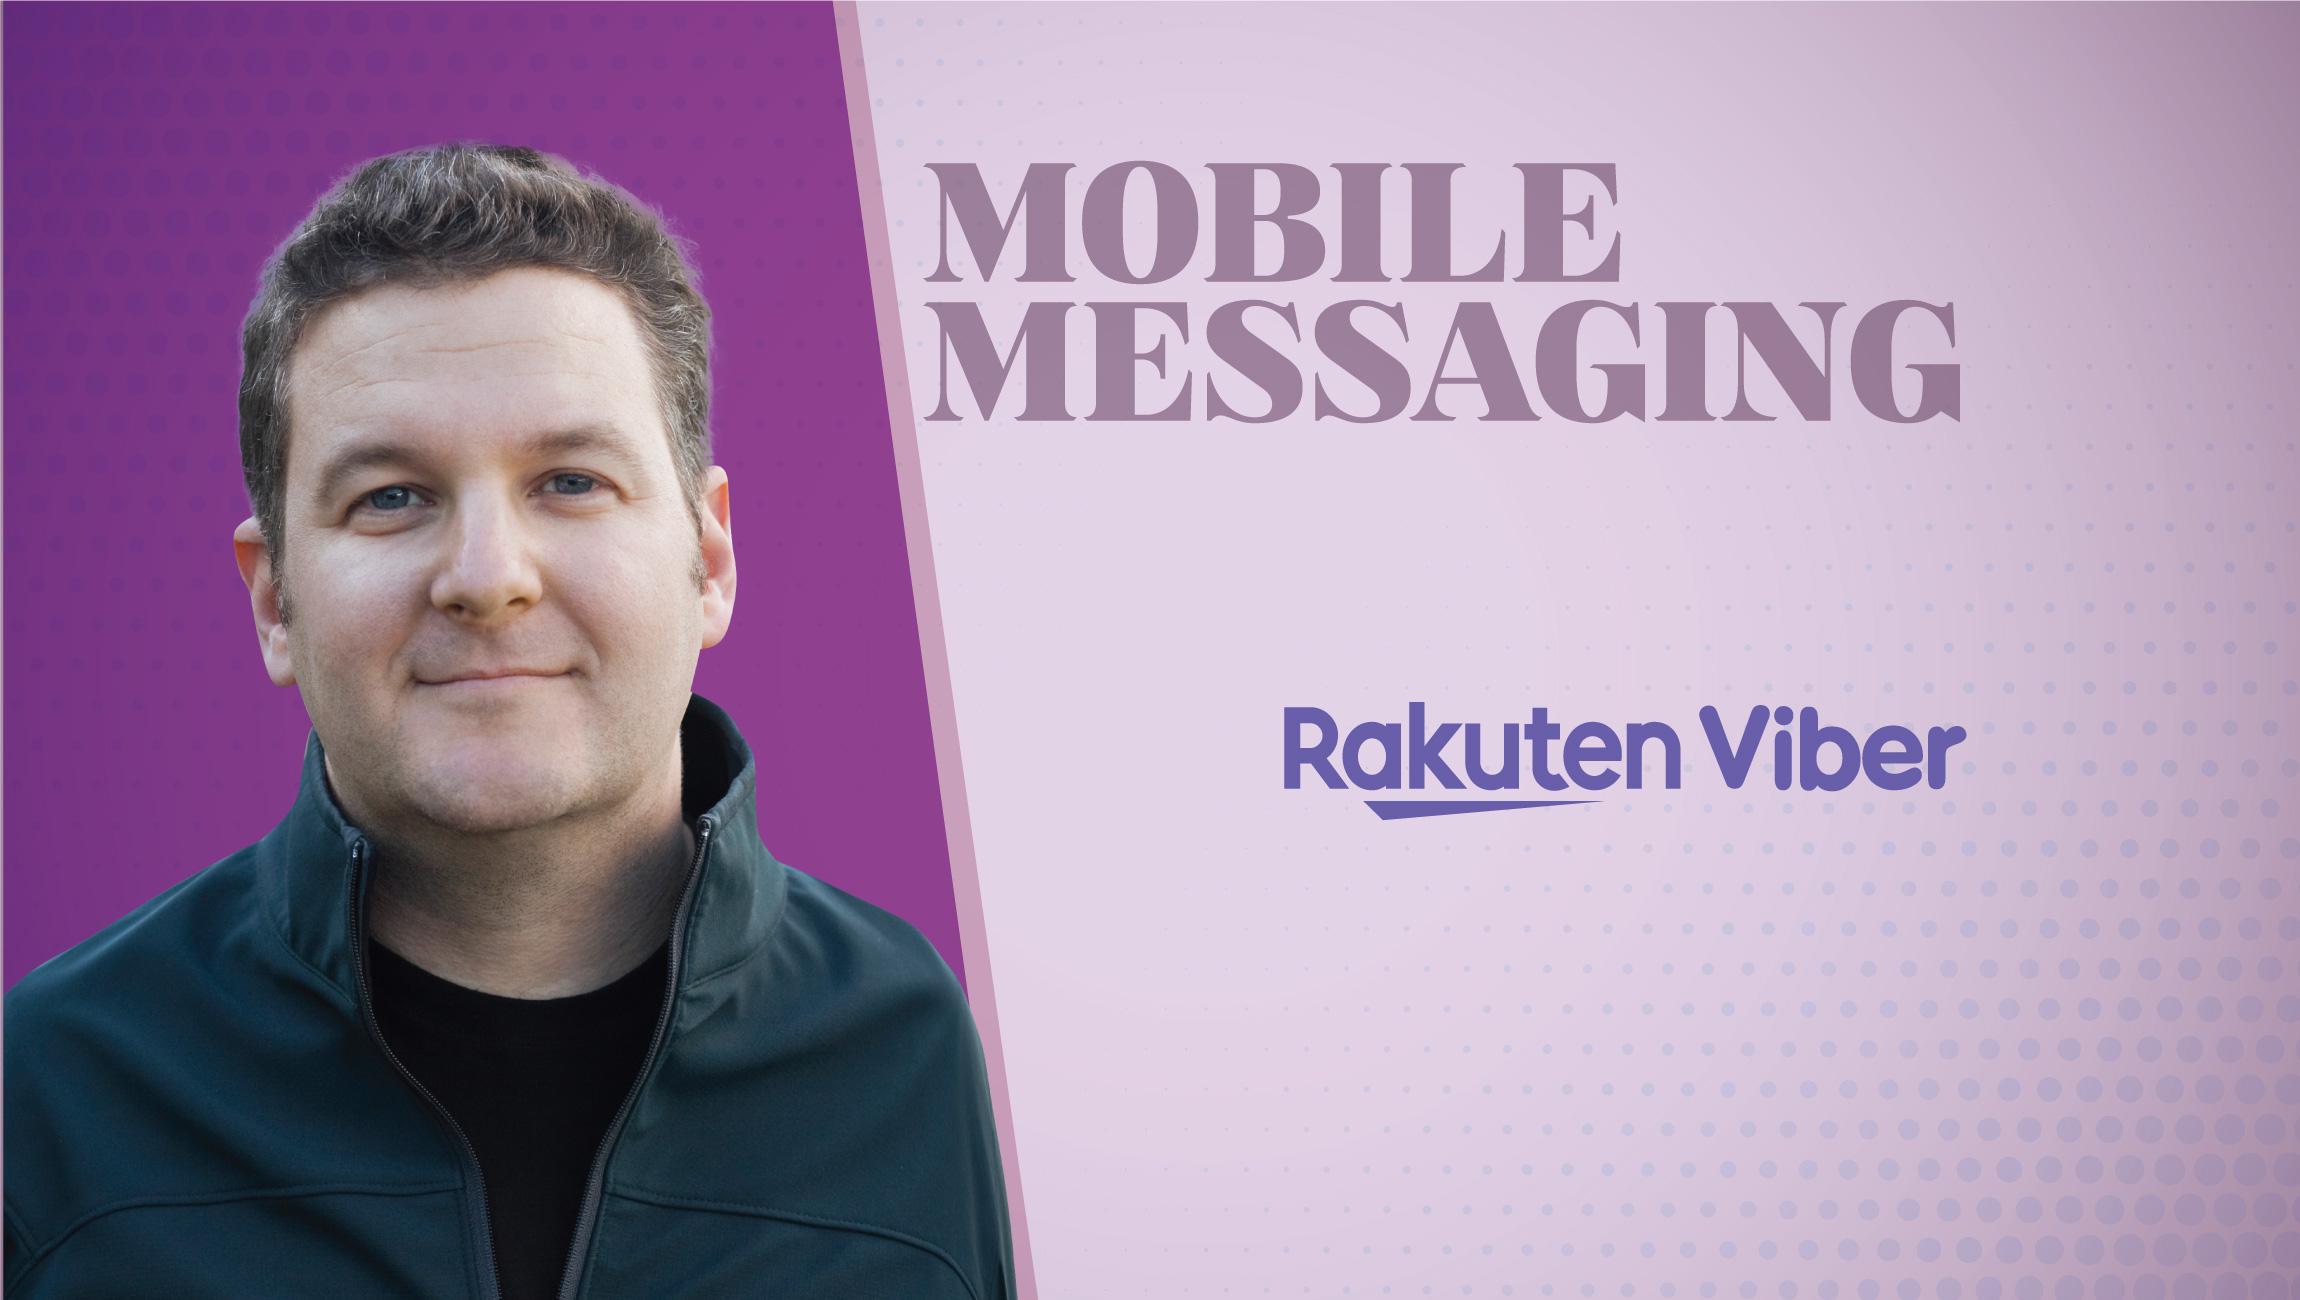 TechBytes with Zephrin Lasker, VP of E-Commerce at Rakuten Viber